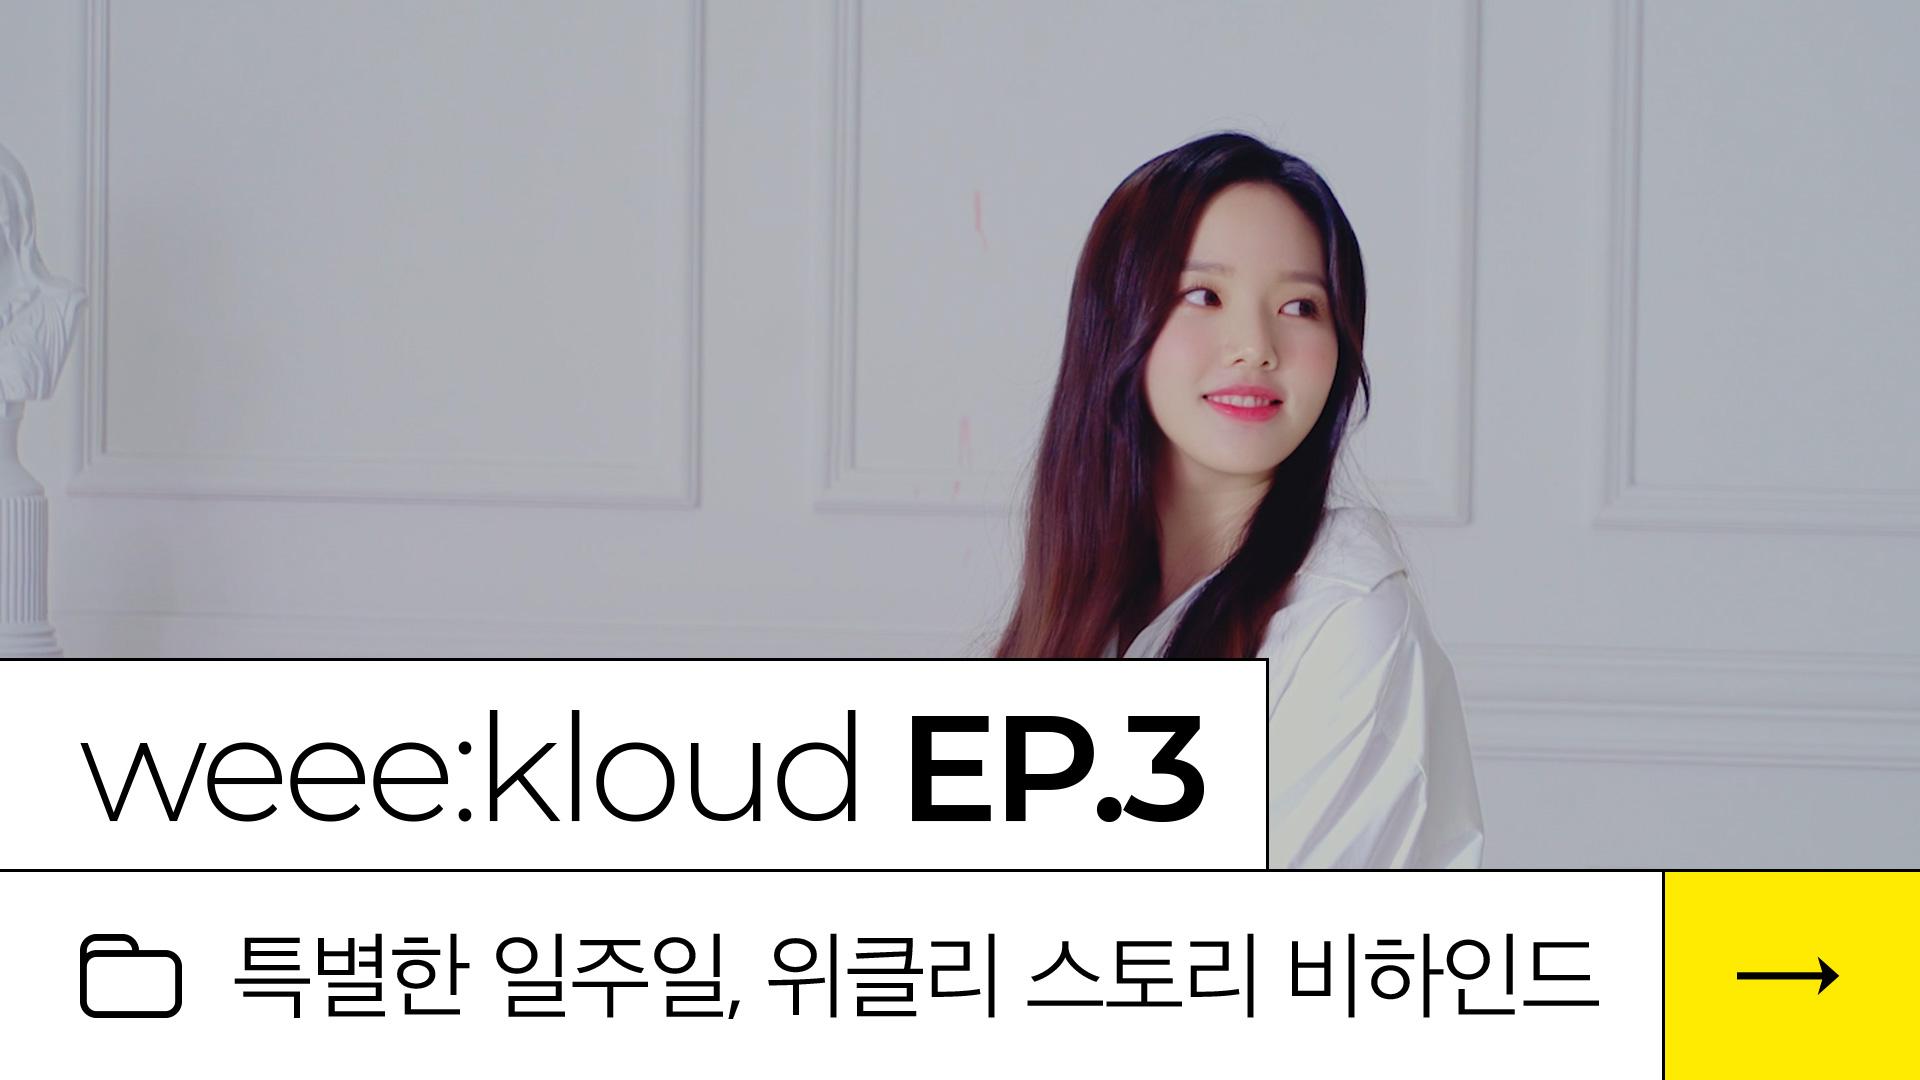 [weee:kloud] EP.3 특별한 일주일, 위클리 스토리 비하인드